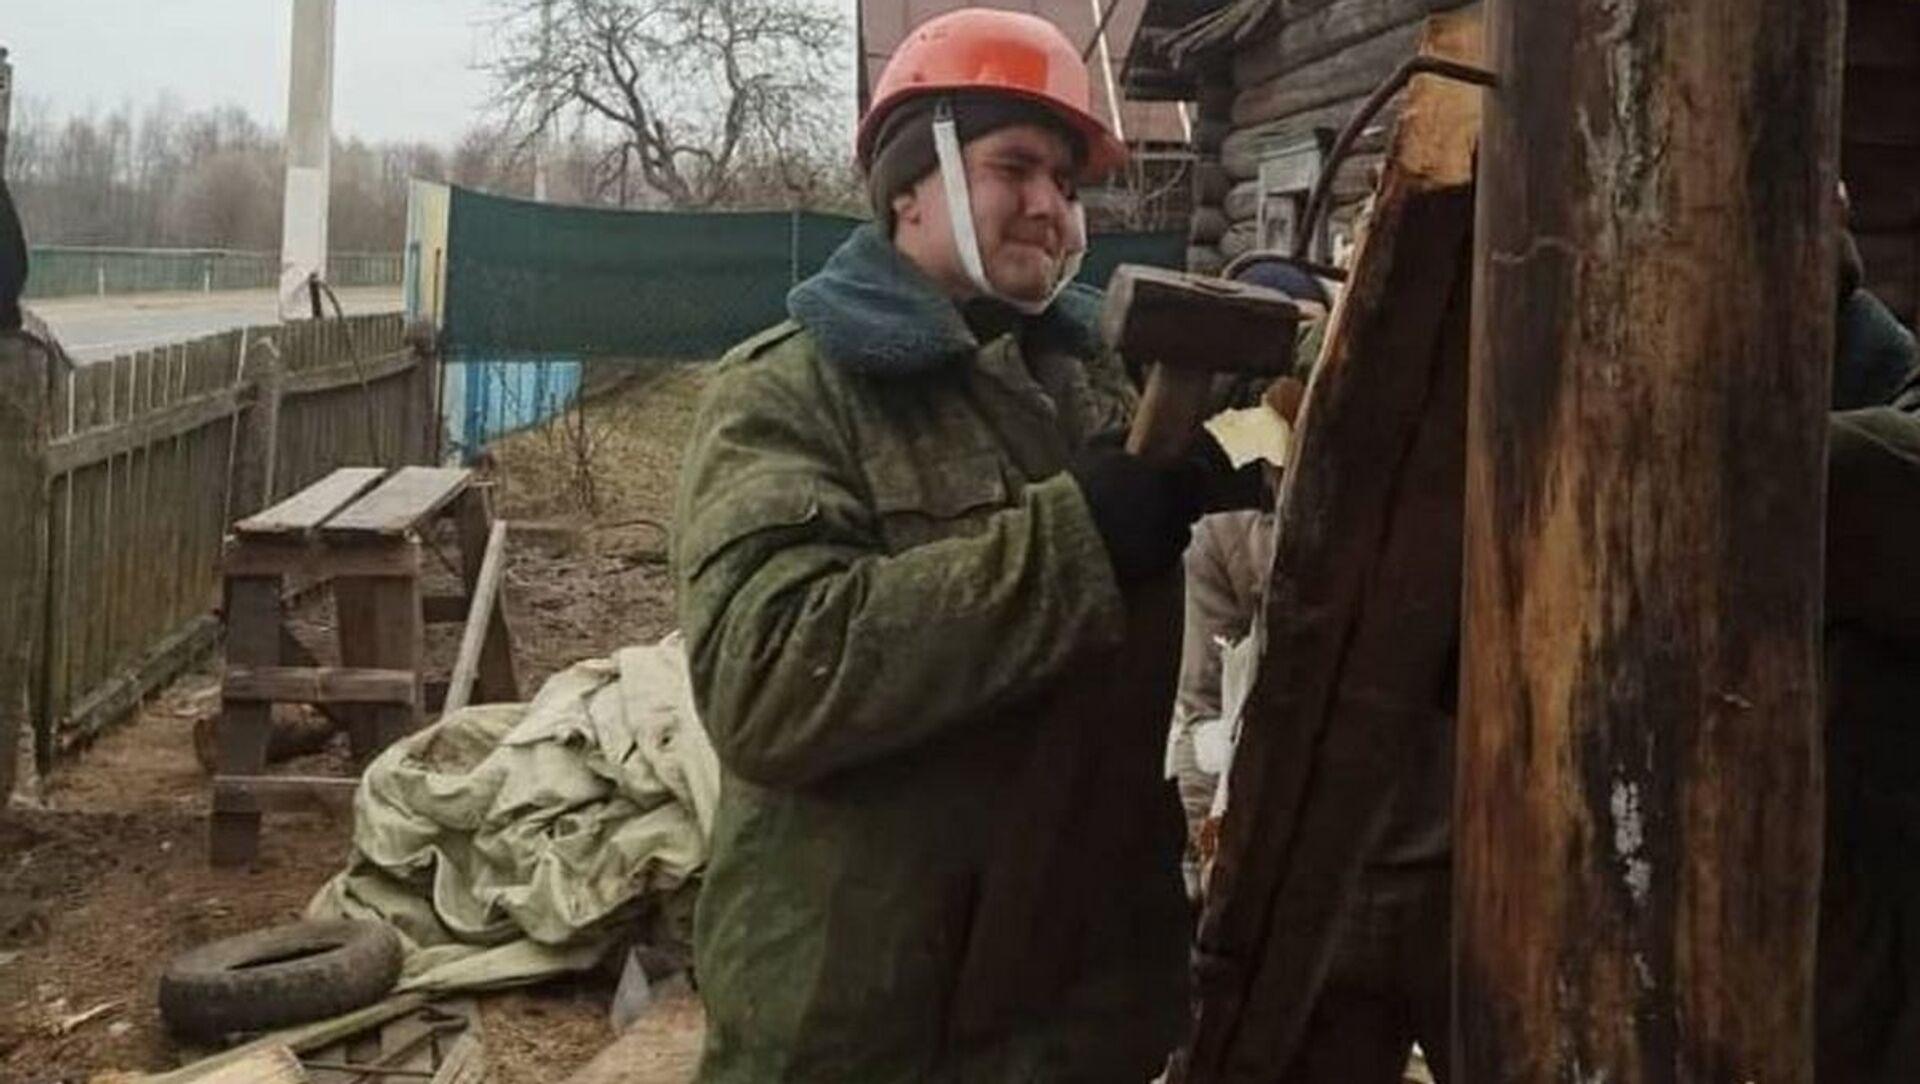 Минобороны восстанавливает дом, который повредил ракетный комплекс - Sputnik Беларусь, 1920, 08.04.2021